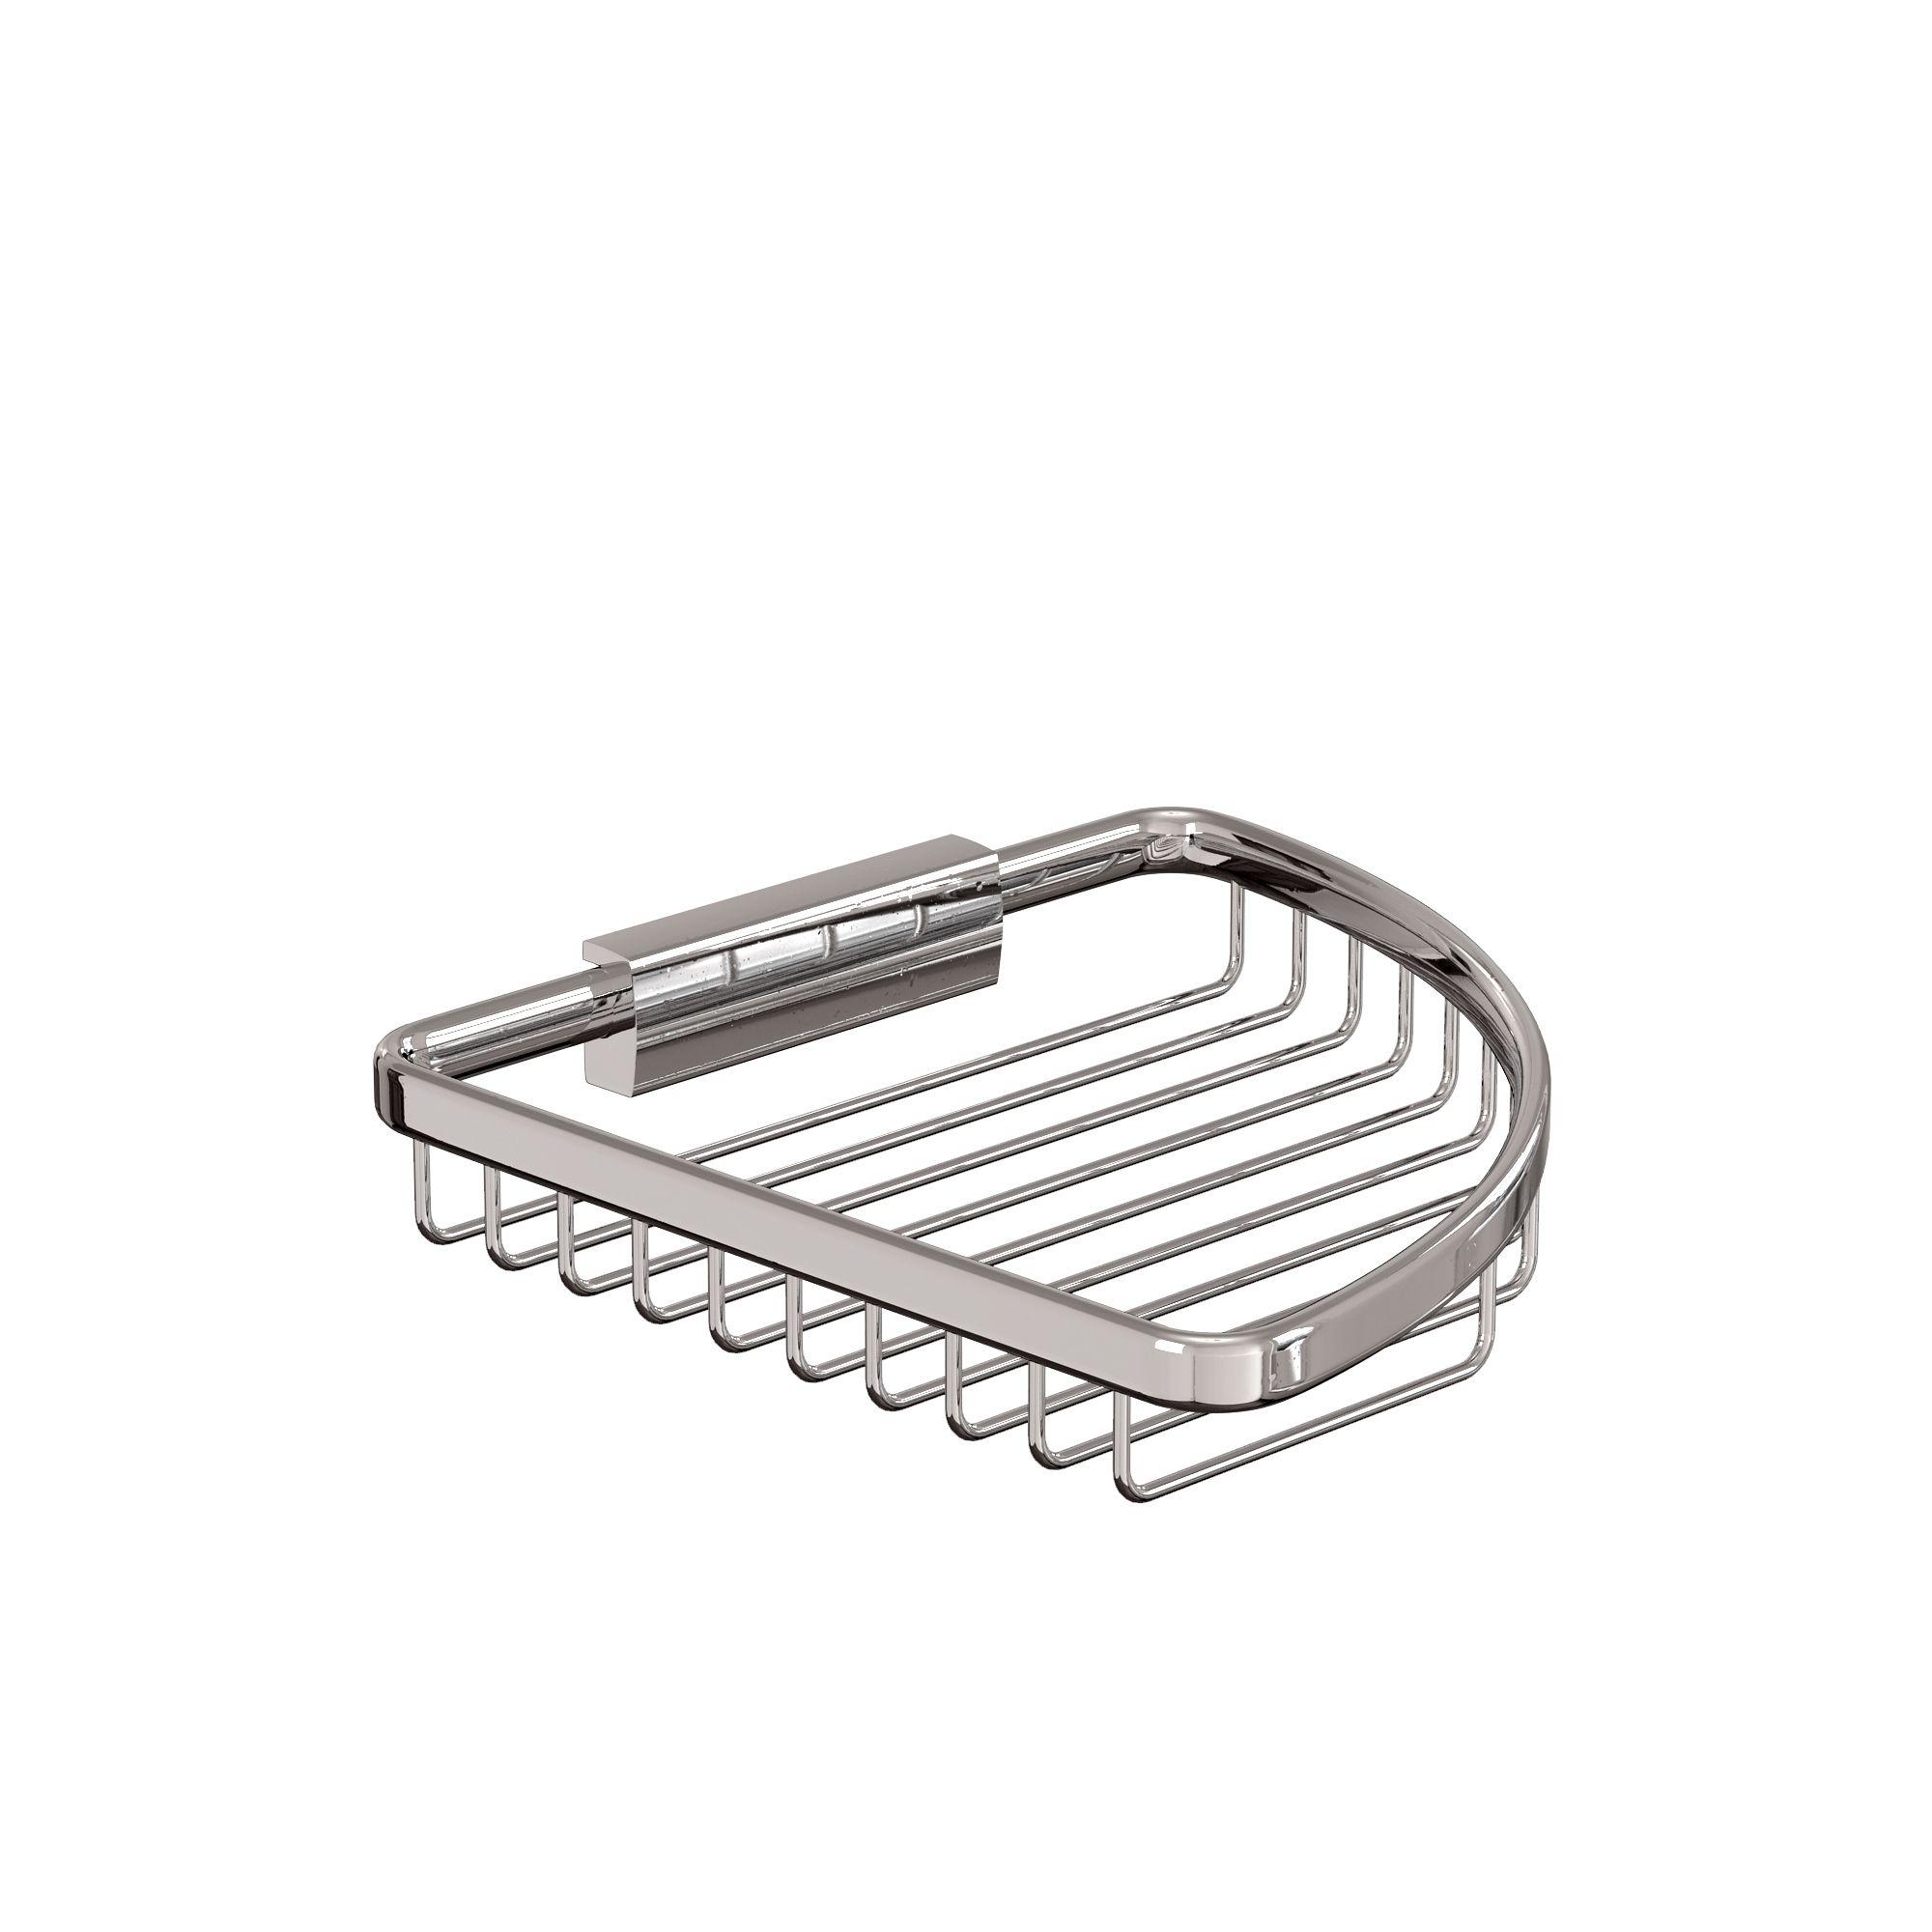 Large corner wire basketPrice:  £ 49  Code: A32 CHR  A32 CHR  Single corner wire basket, right installation 190X190X30  Size:  190 x 190 x 30  Weight:  0.4 kg #BrittonBathrooms #MyContemporaryBathroom